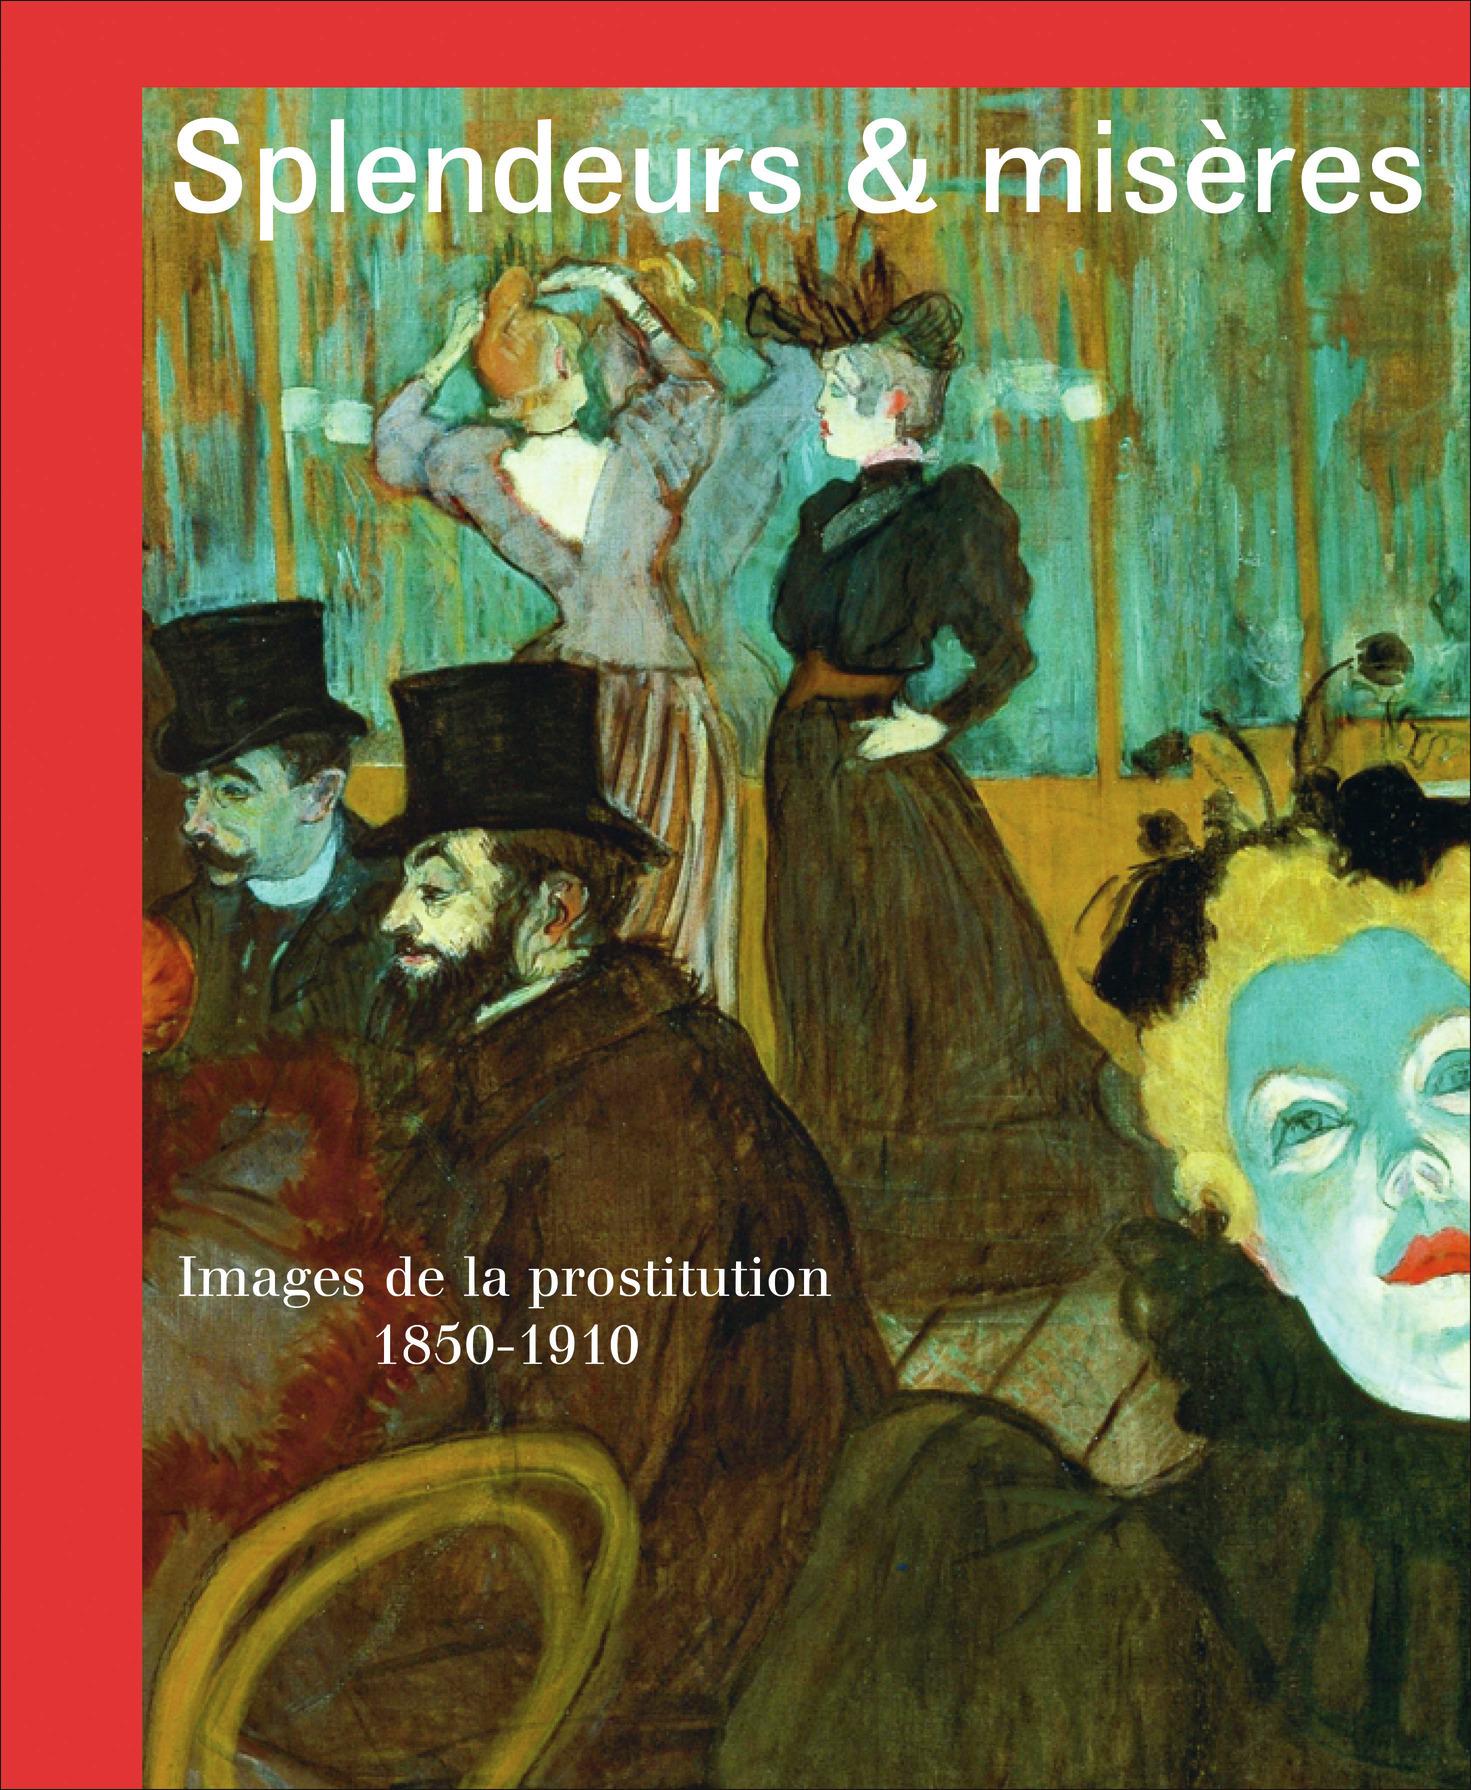 SPLENDEURS ET MISERES - IMAGES DE LA PROSTITUTION, 1850-1910